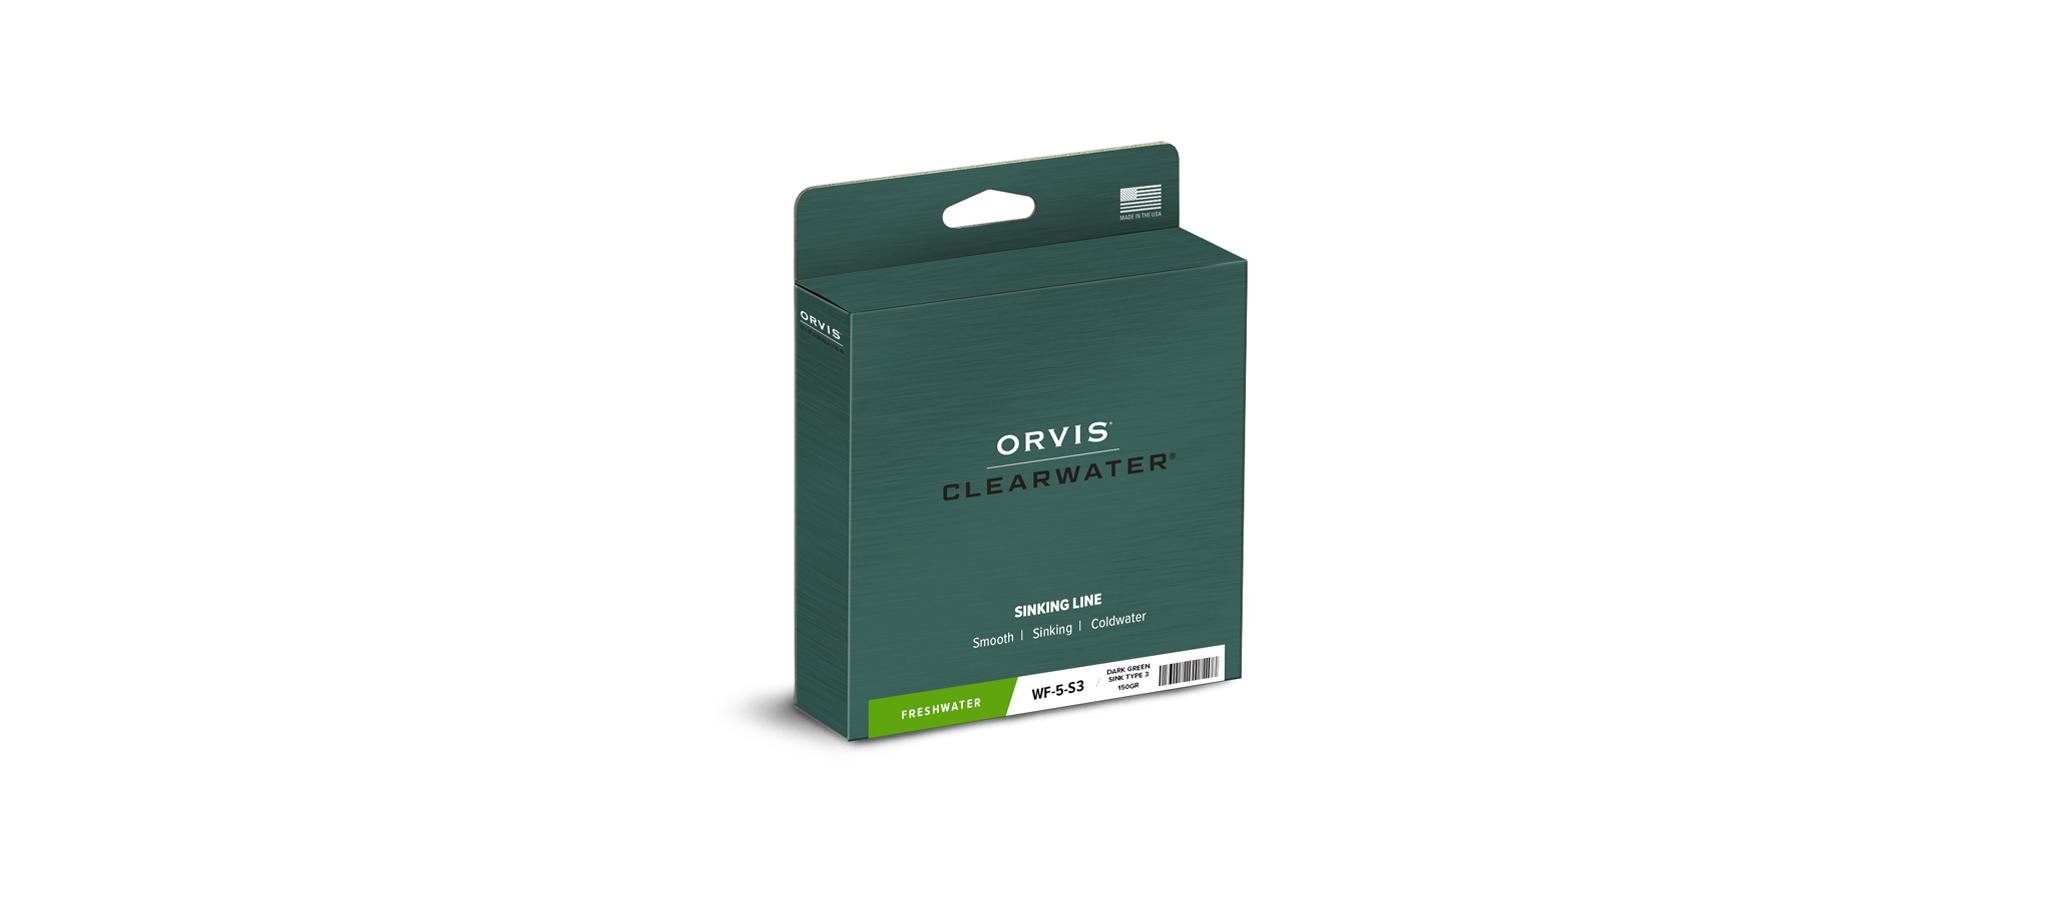 Orvis-Clearwater-Fliegenschnur-Sink-3